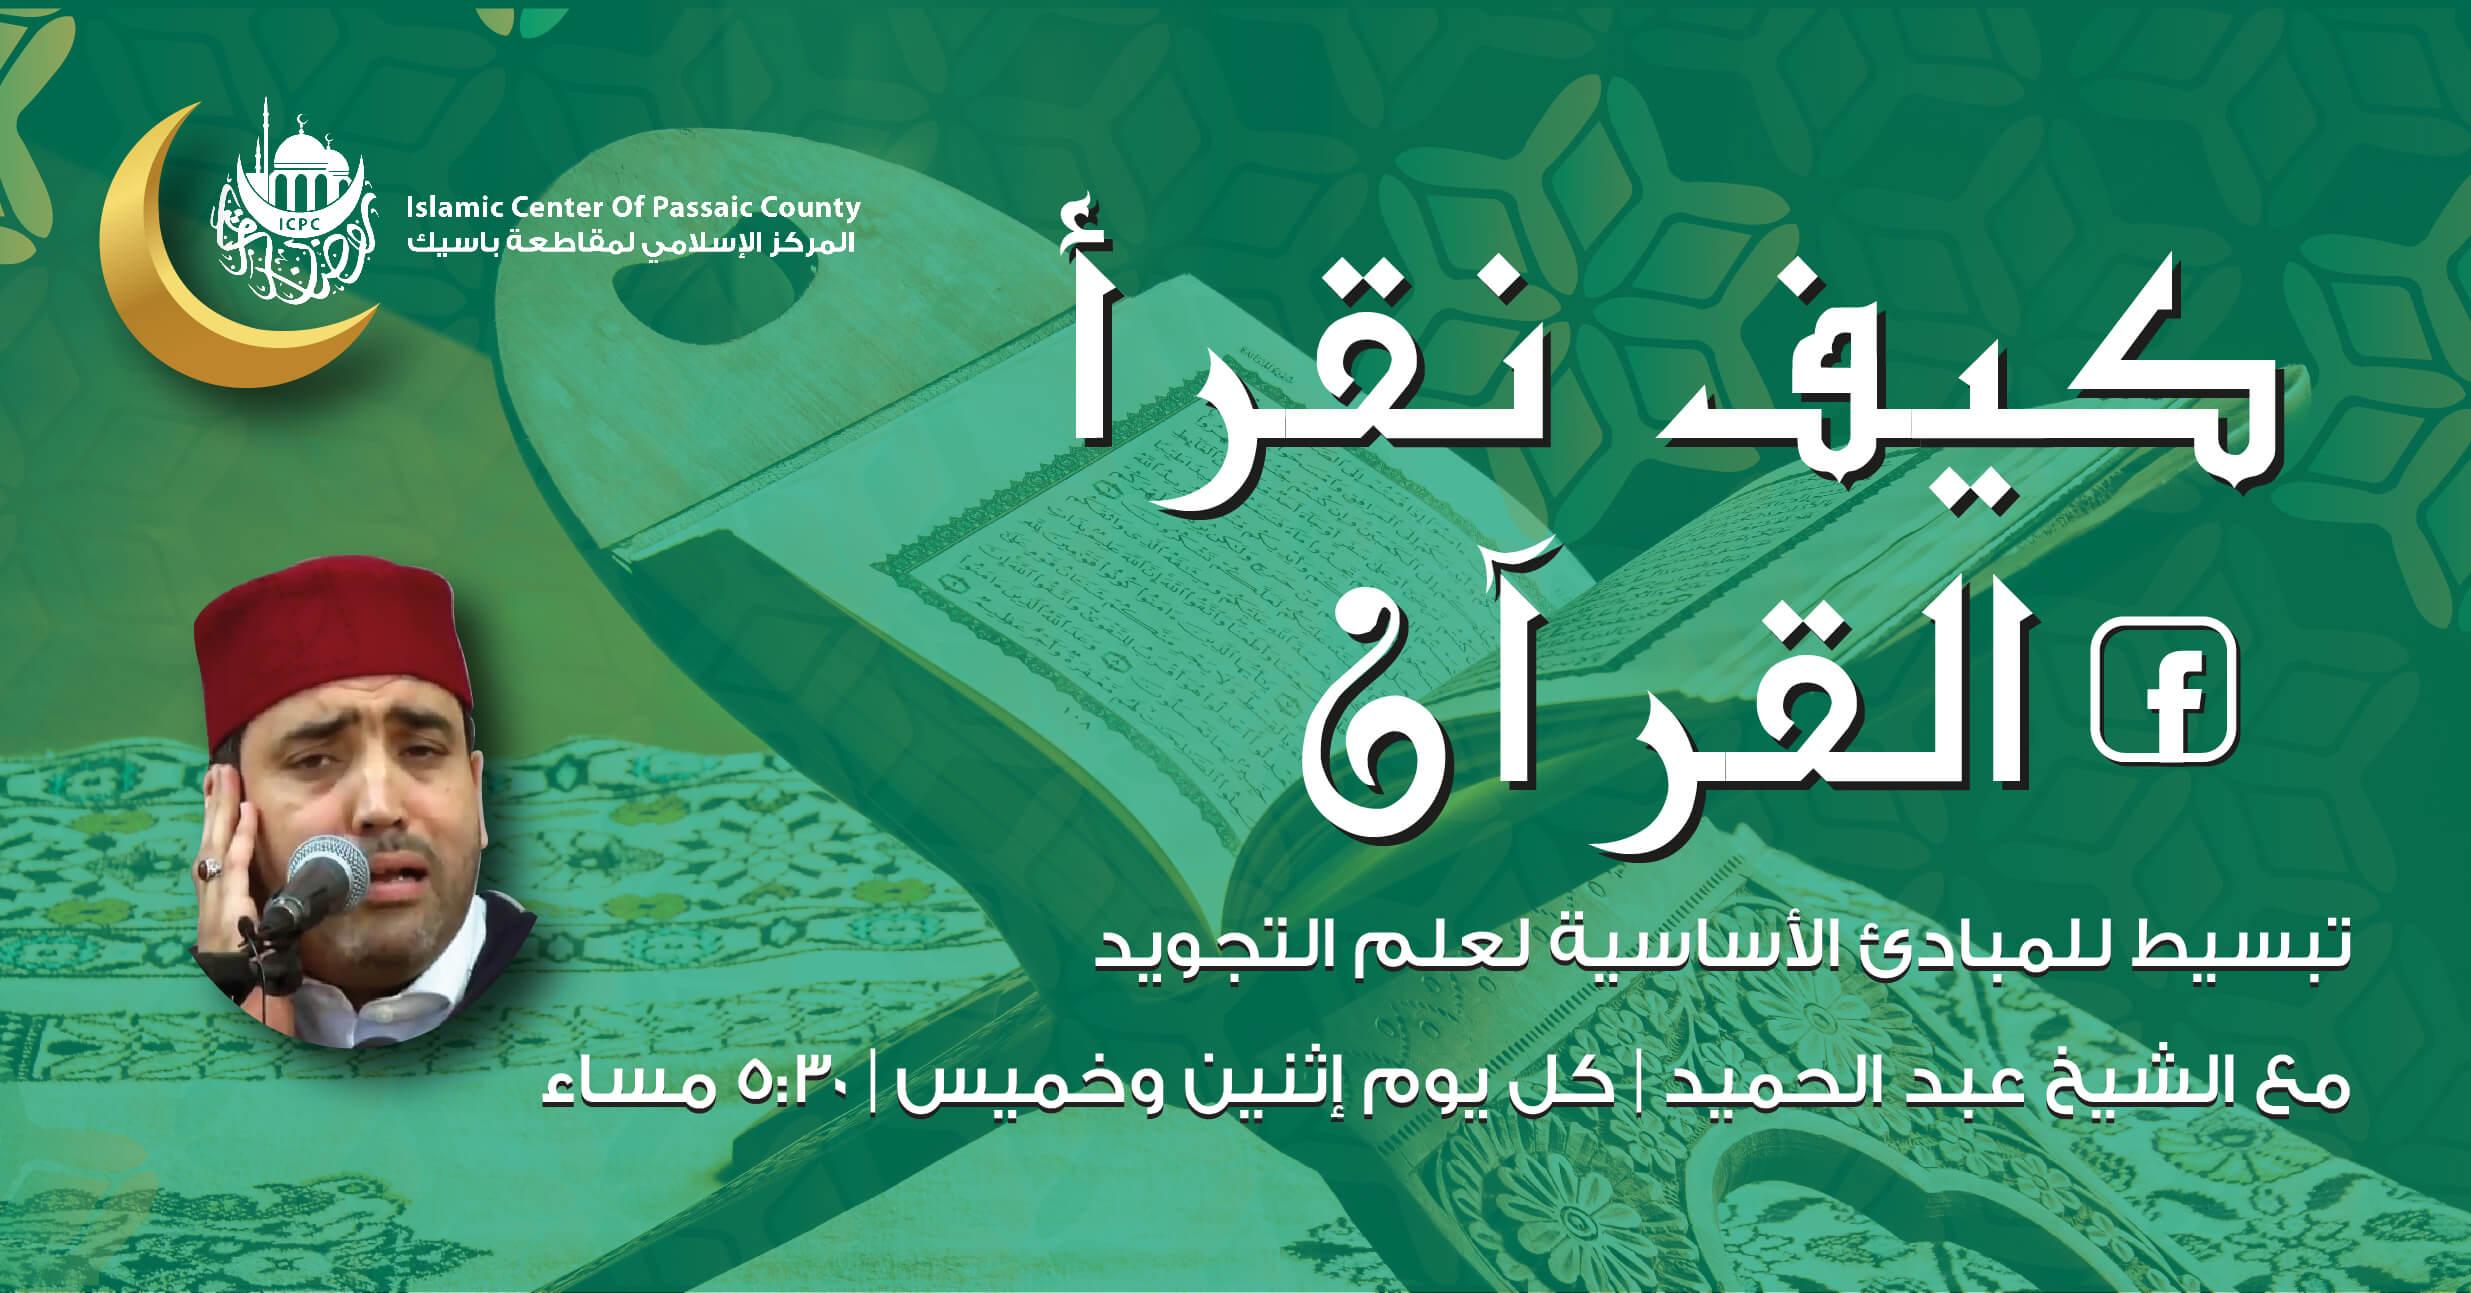 ramadan_tajweed_socialmediabanners-02